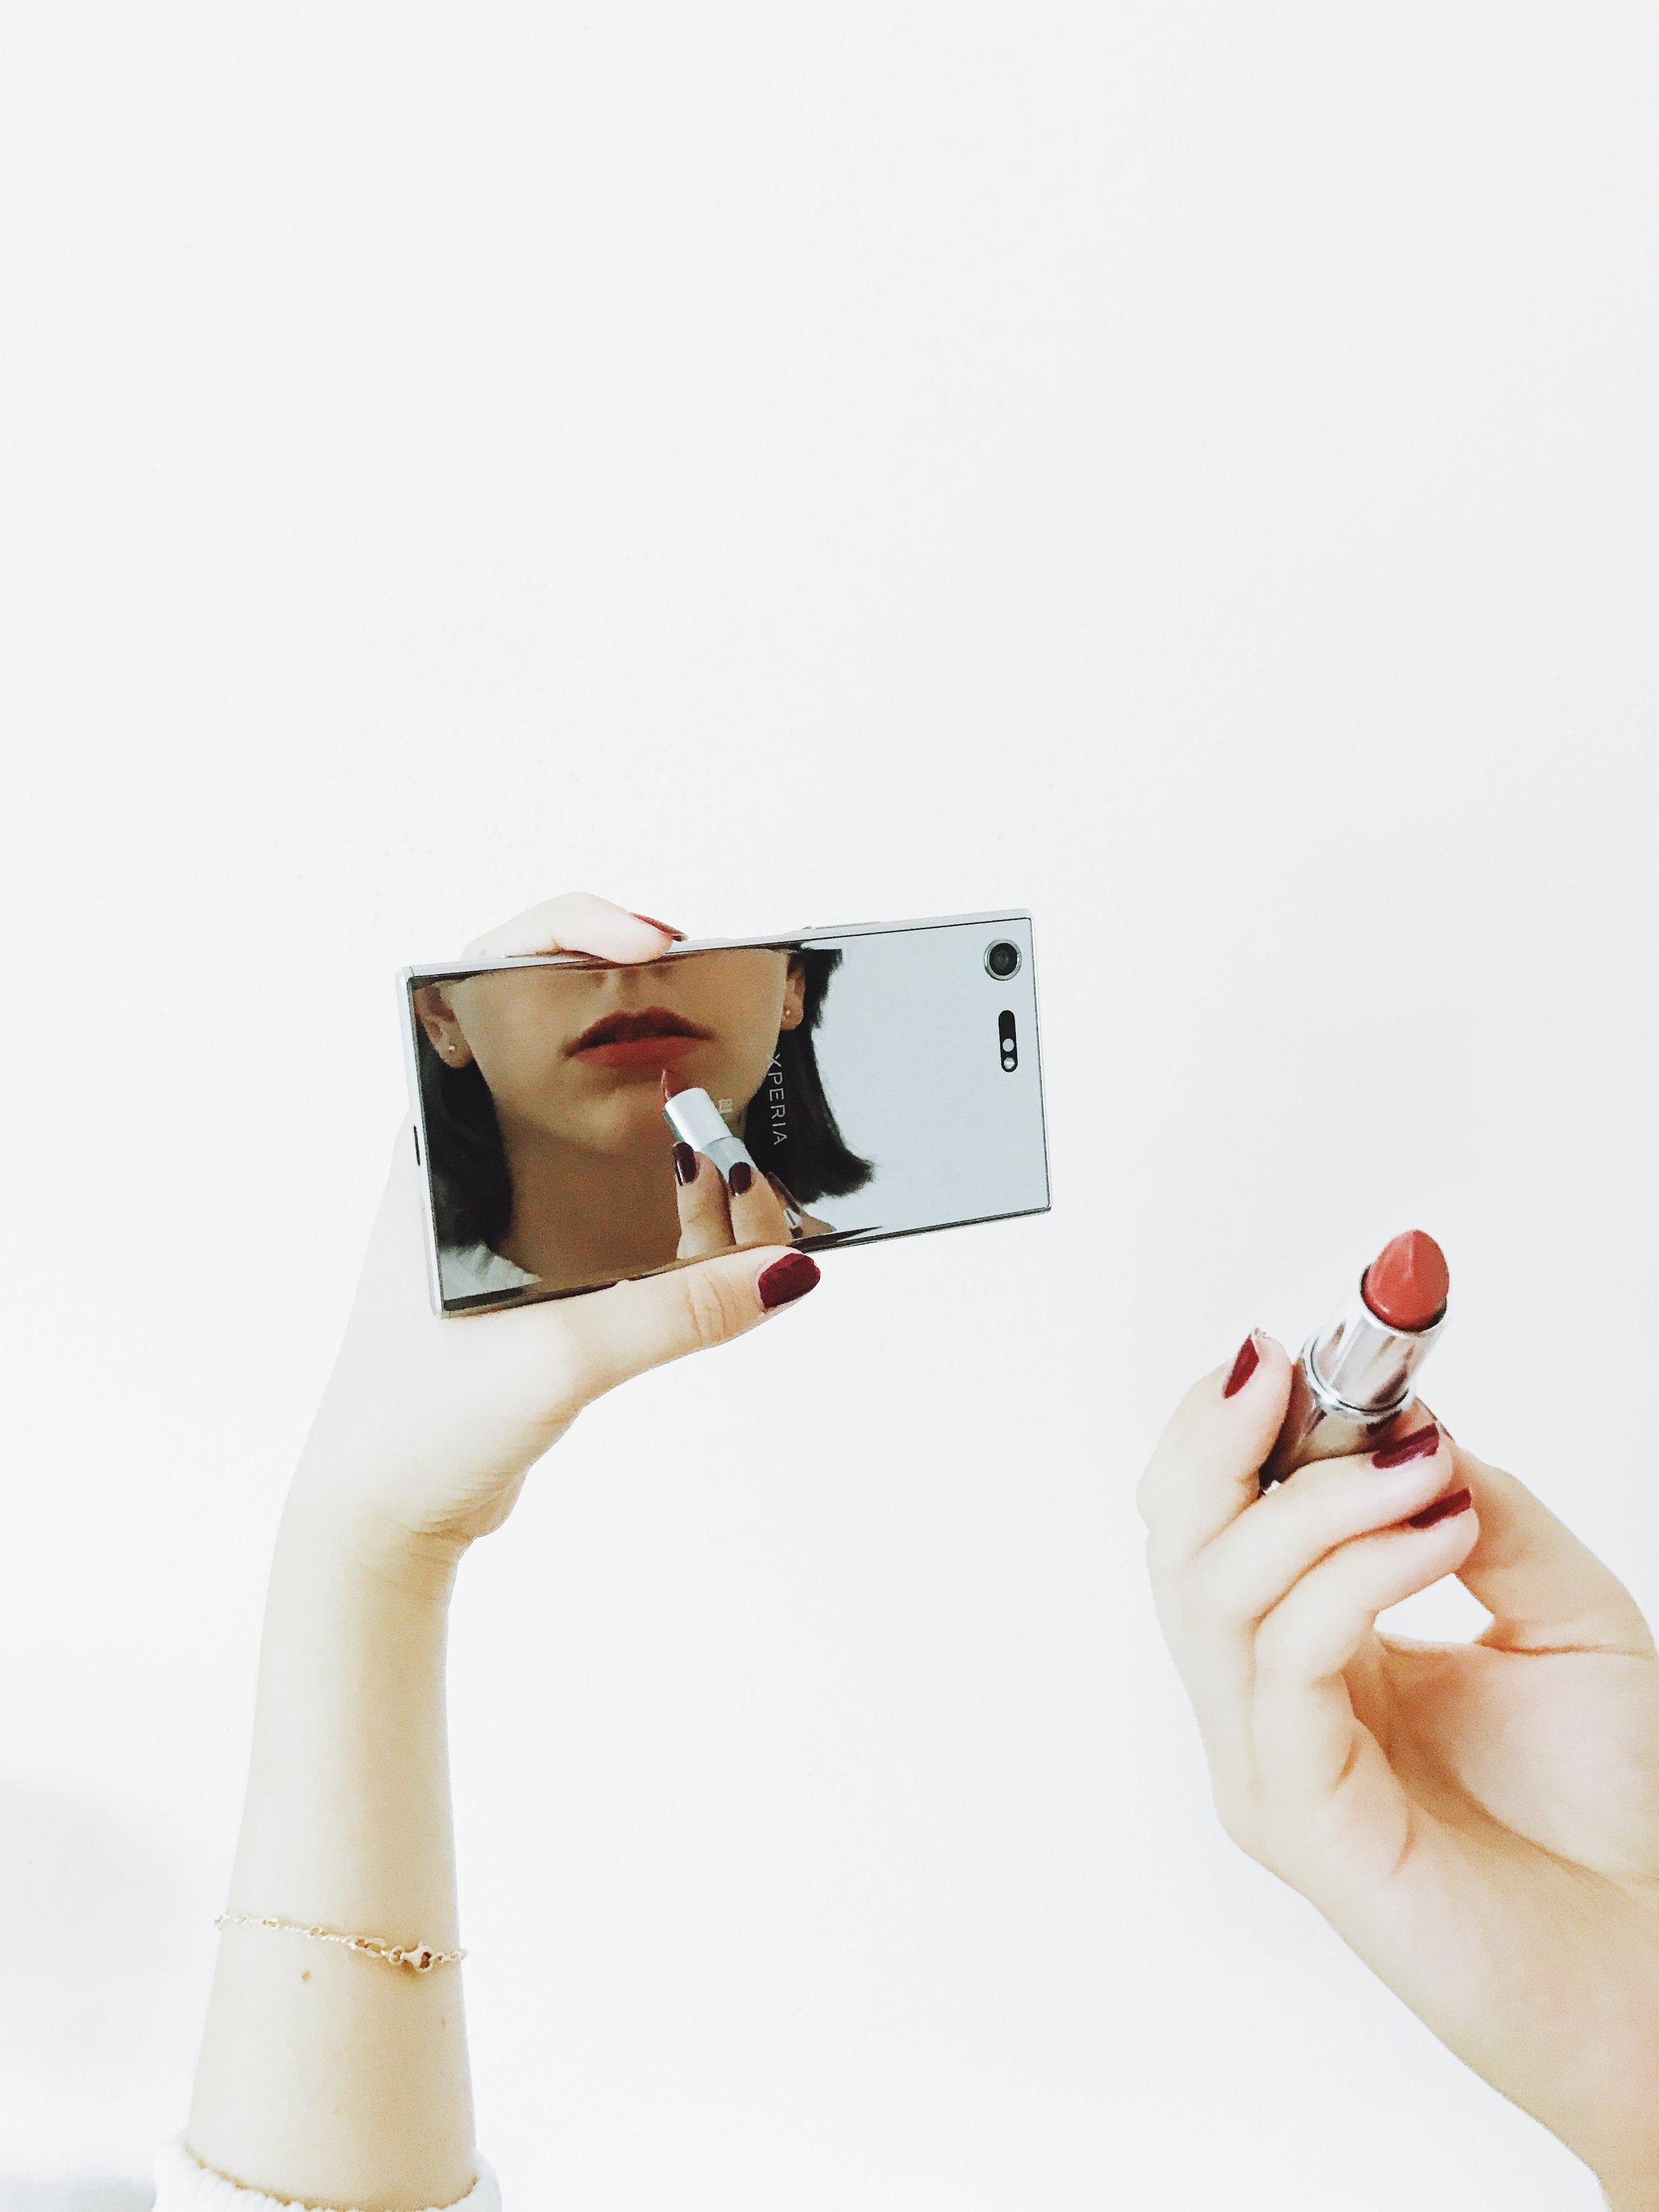 Reflect yourself - Xperia XZ Premium